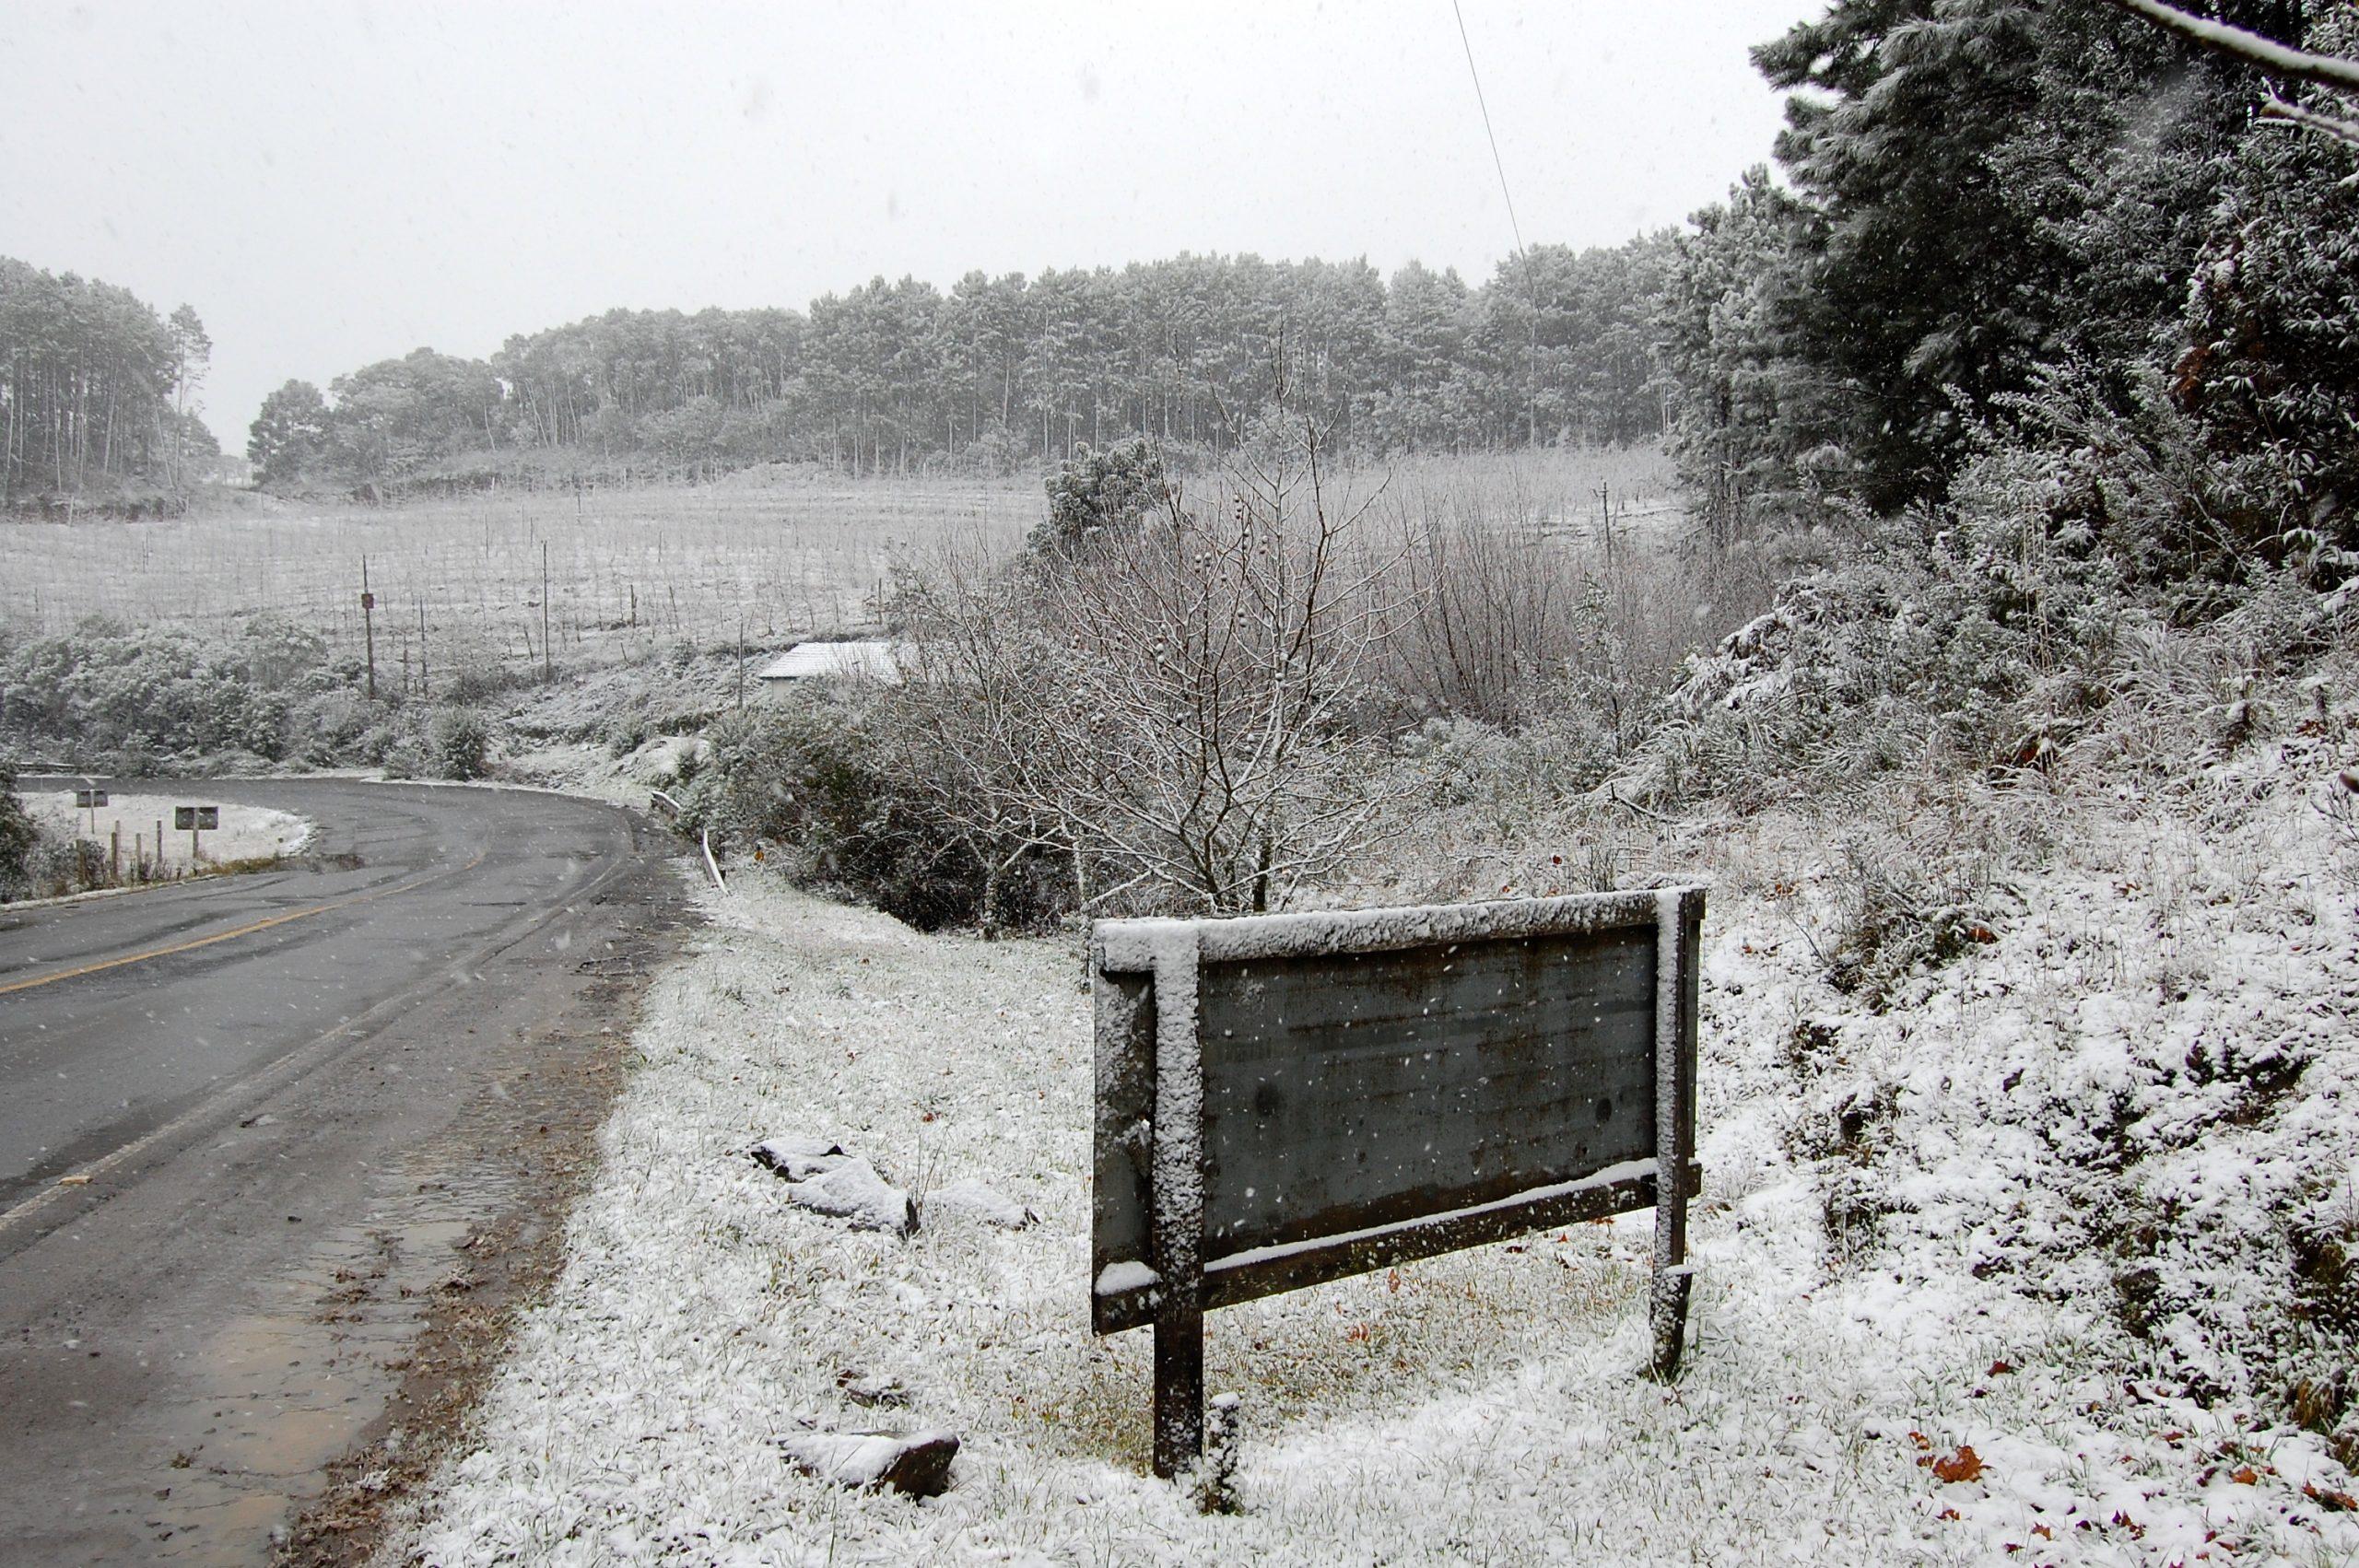 Meteorologia prevê neve generalizada no Sul a partir de 5ª; temperatura vai cair em todo País